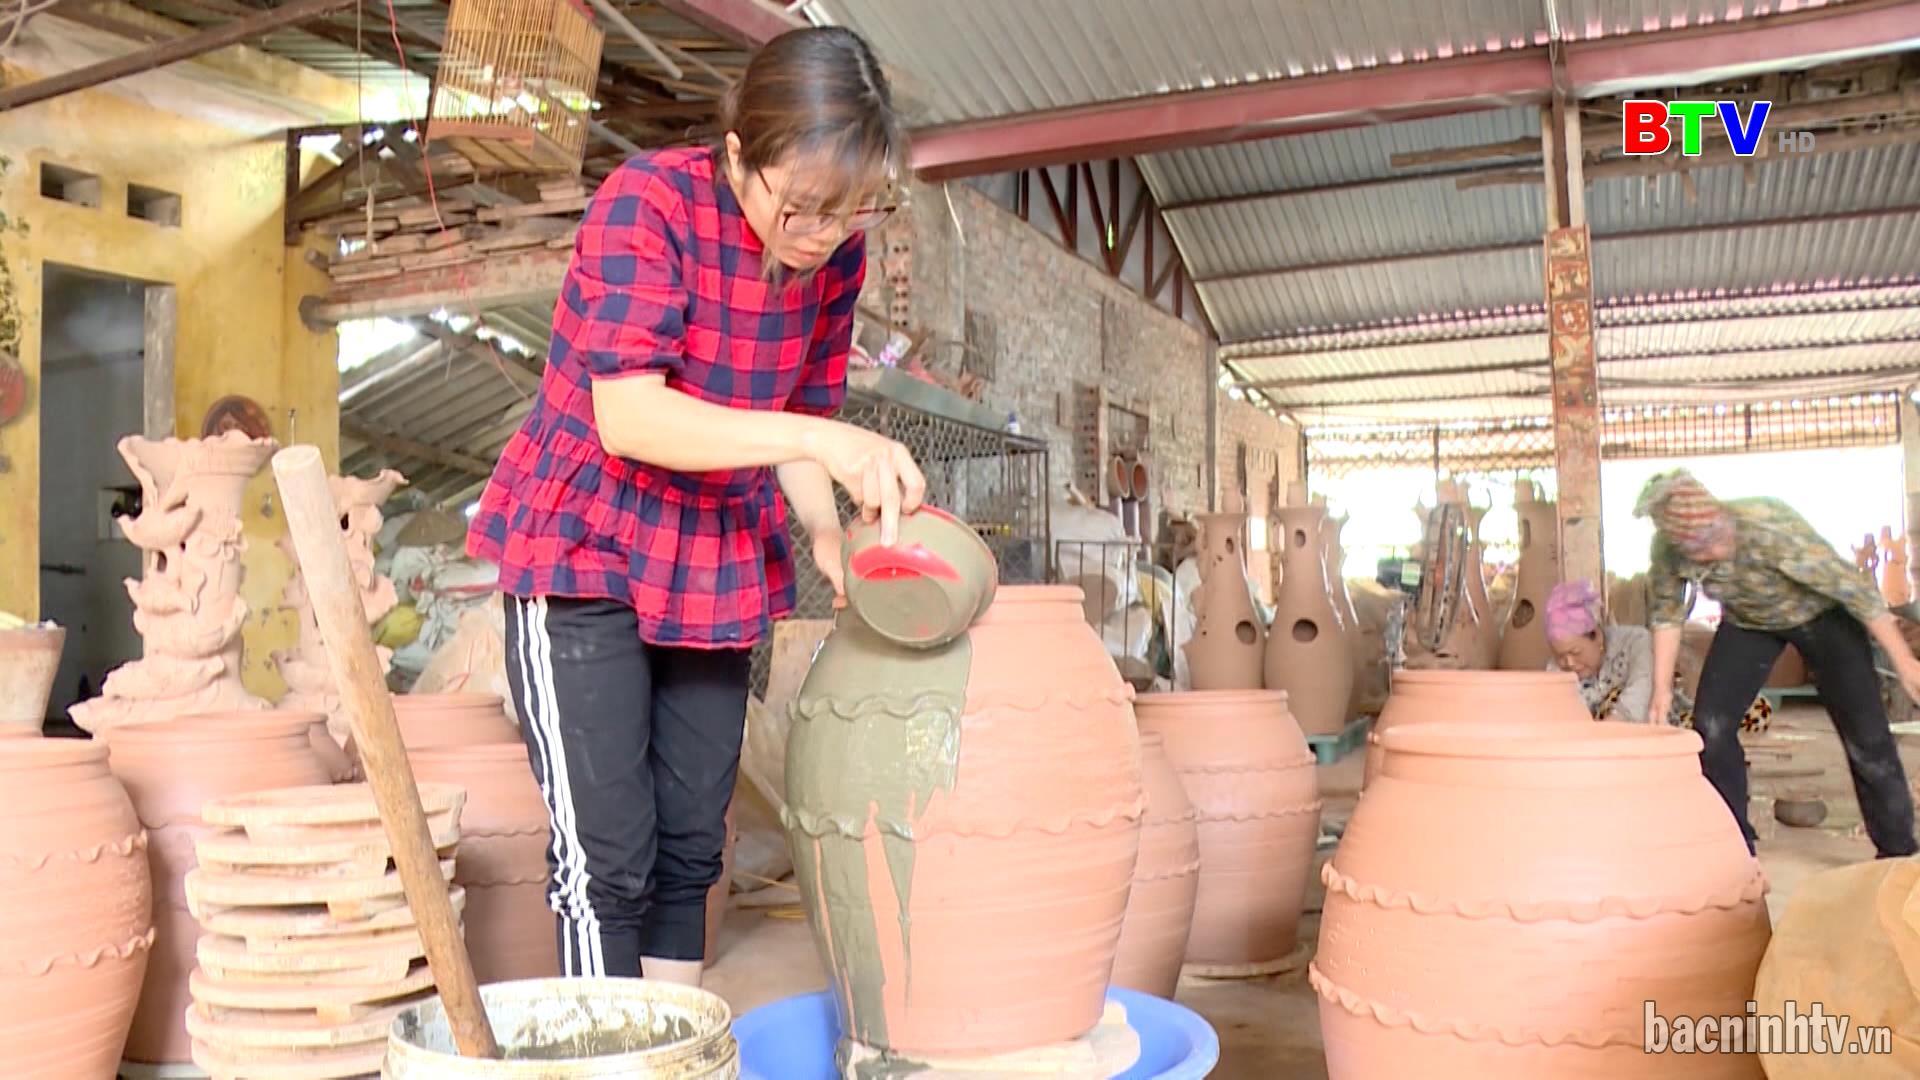 HĐND tỉnh bàn các giải pháp bảo vệ môi trường làng nghề